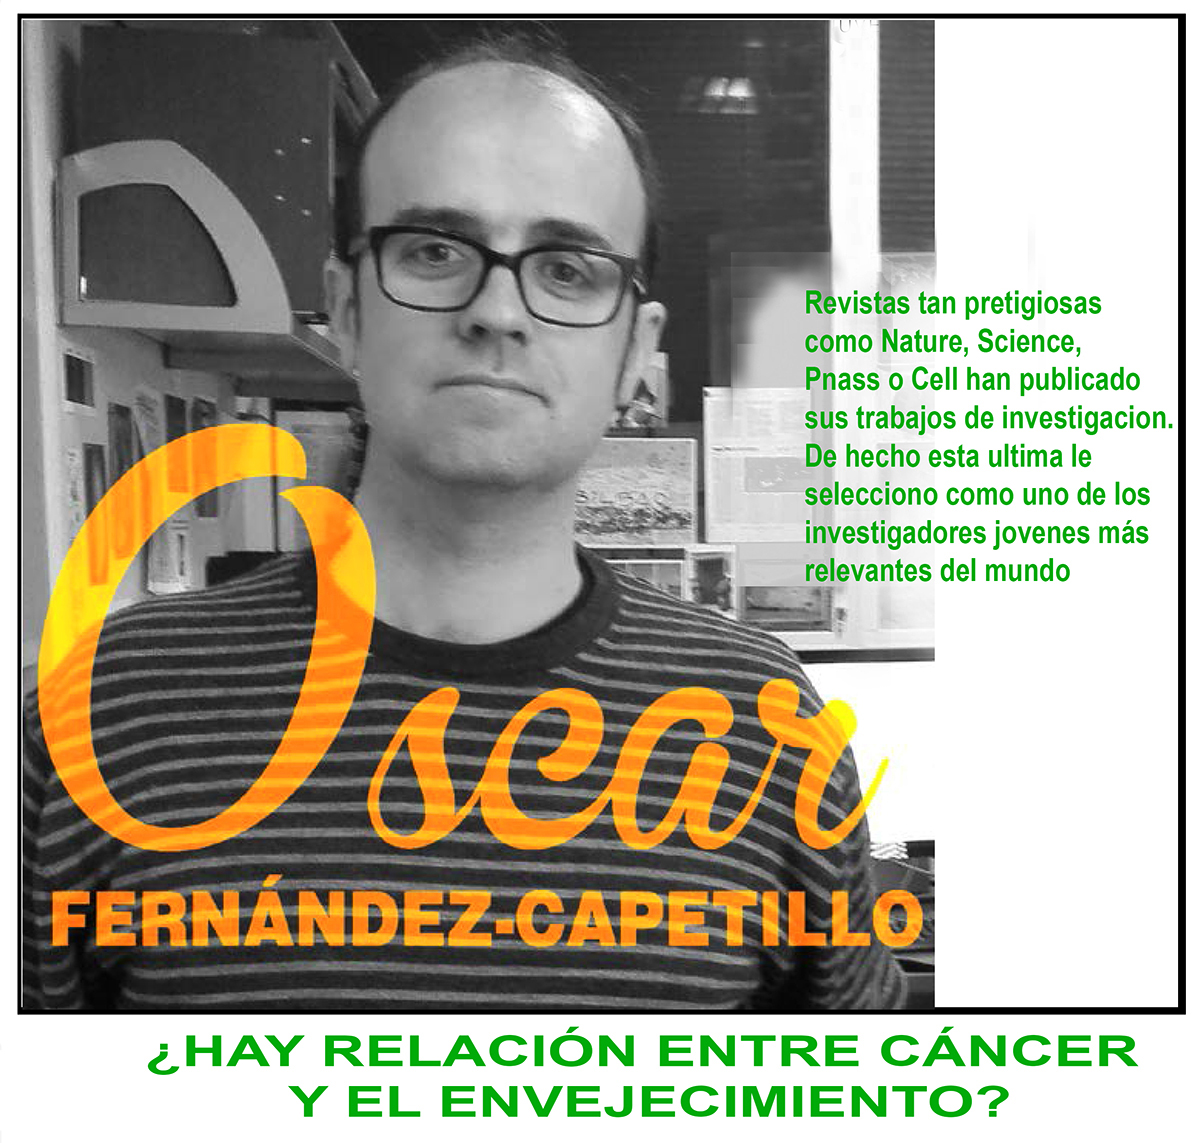 Óscar Fernández-Capetillo ¿HAY RELACIÓN ENTRE CÁNCER Y EL ENVEJECIMIENTO?